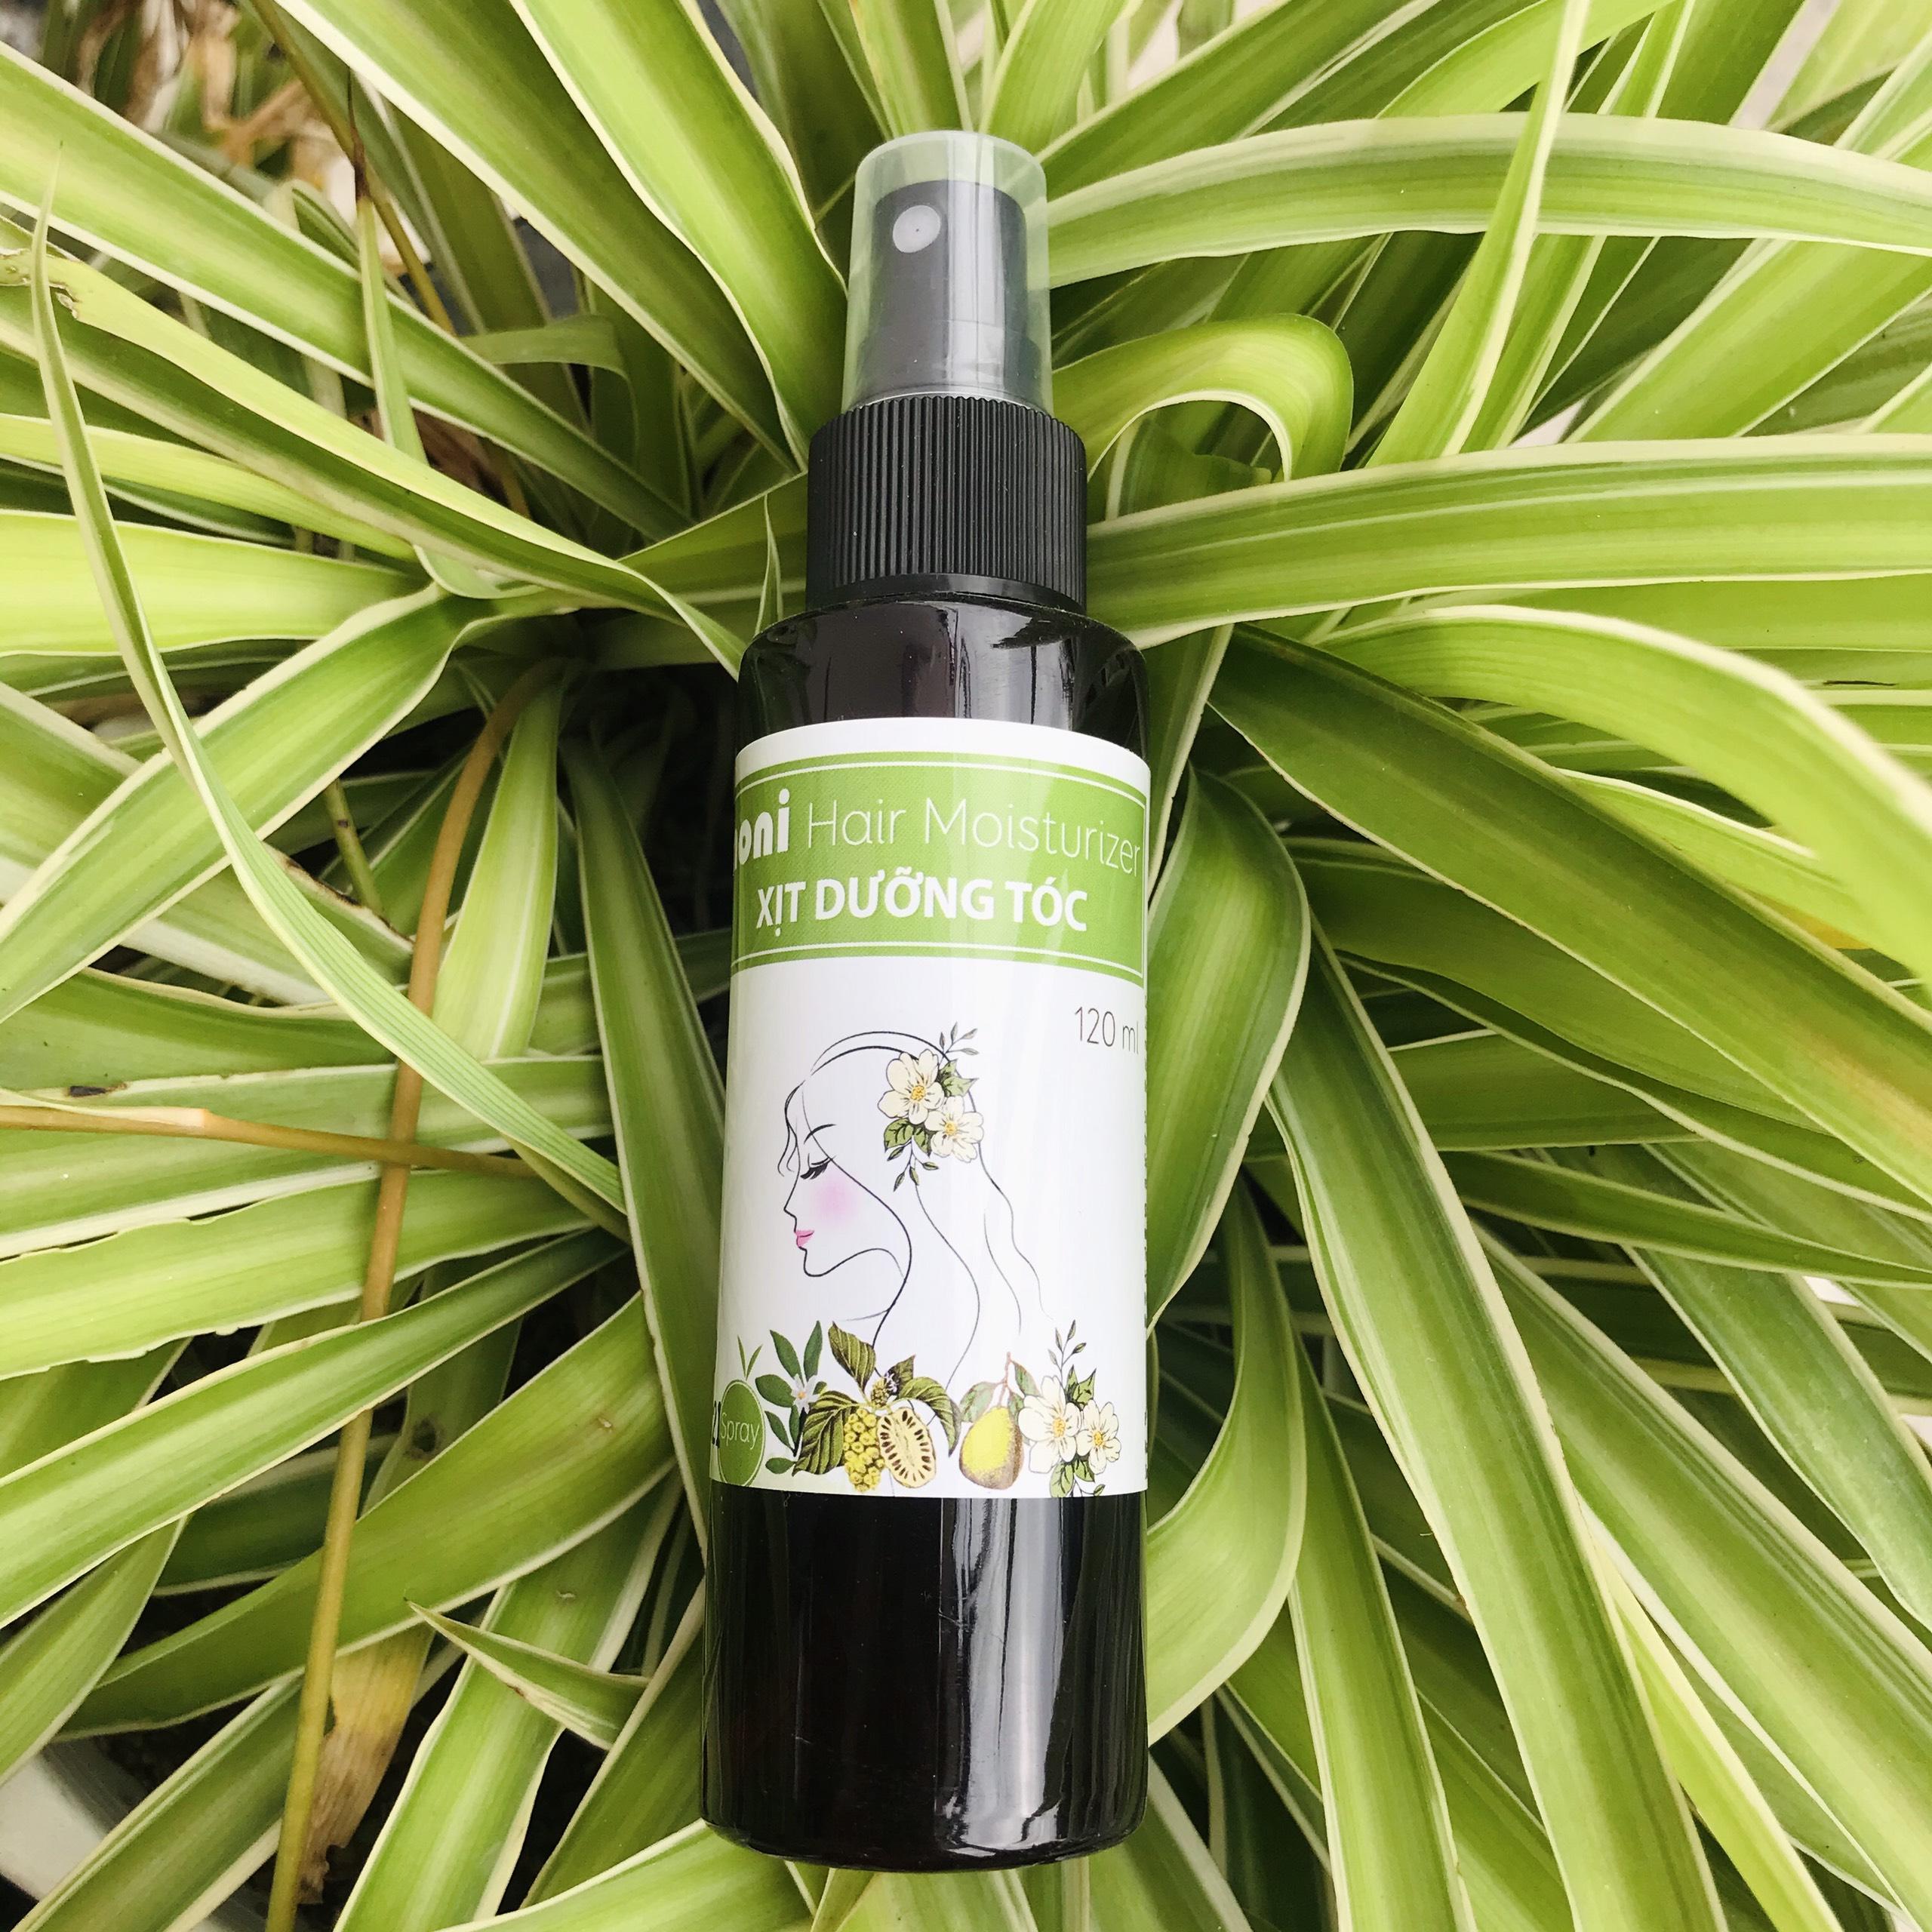 Xịt dưỡng tóc vỏ bưởi - Giúp kích thích mọc tóc, giảm rụng tóc an toàn và hiệu quả - Adeva Noni - 120 ml